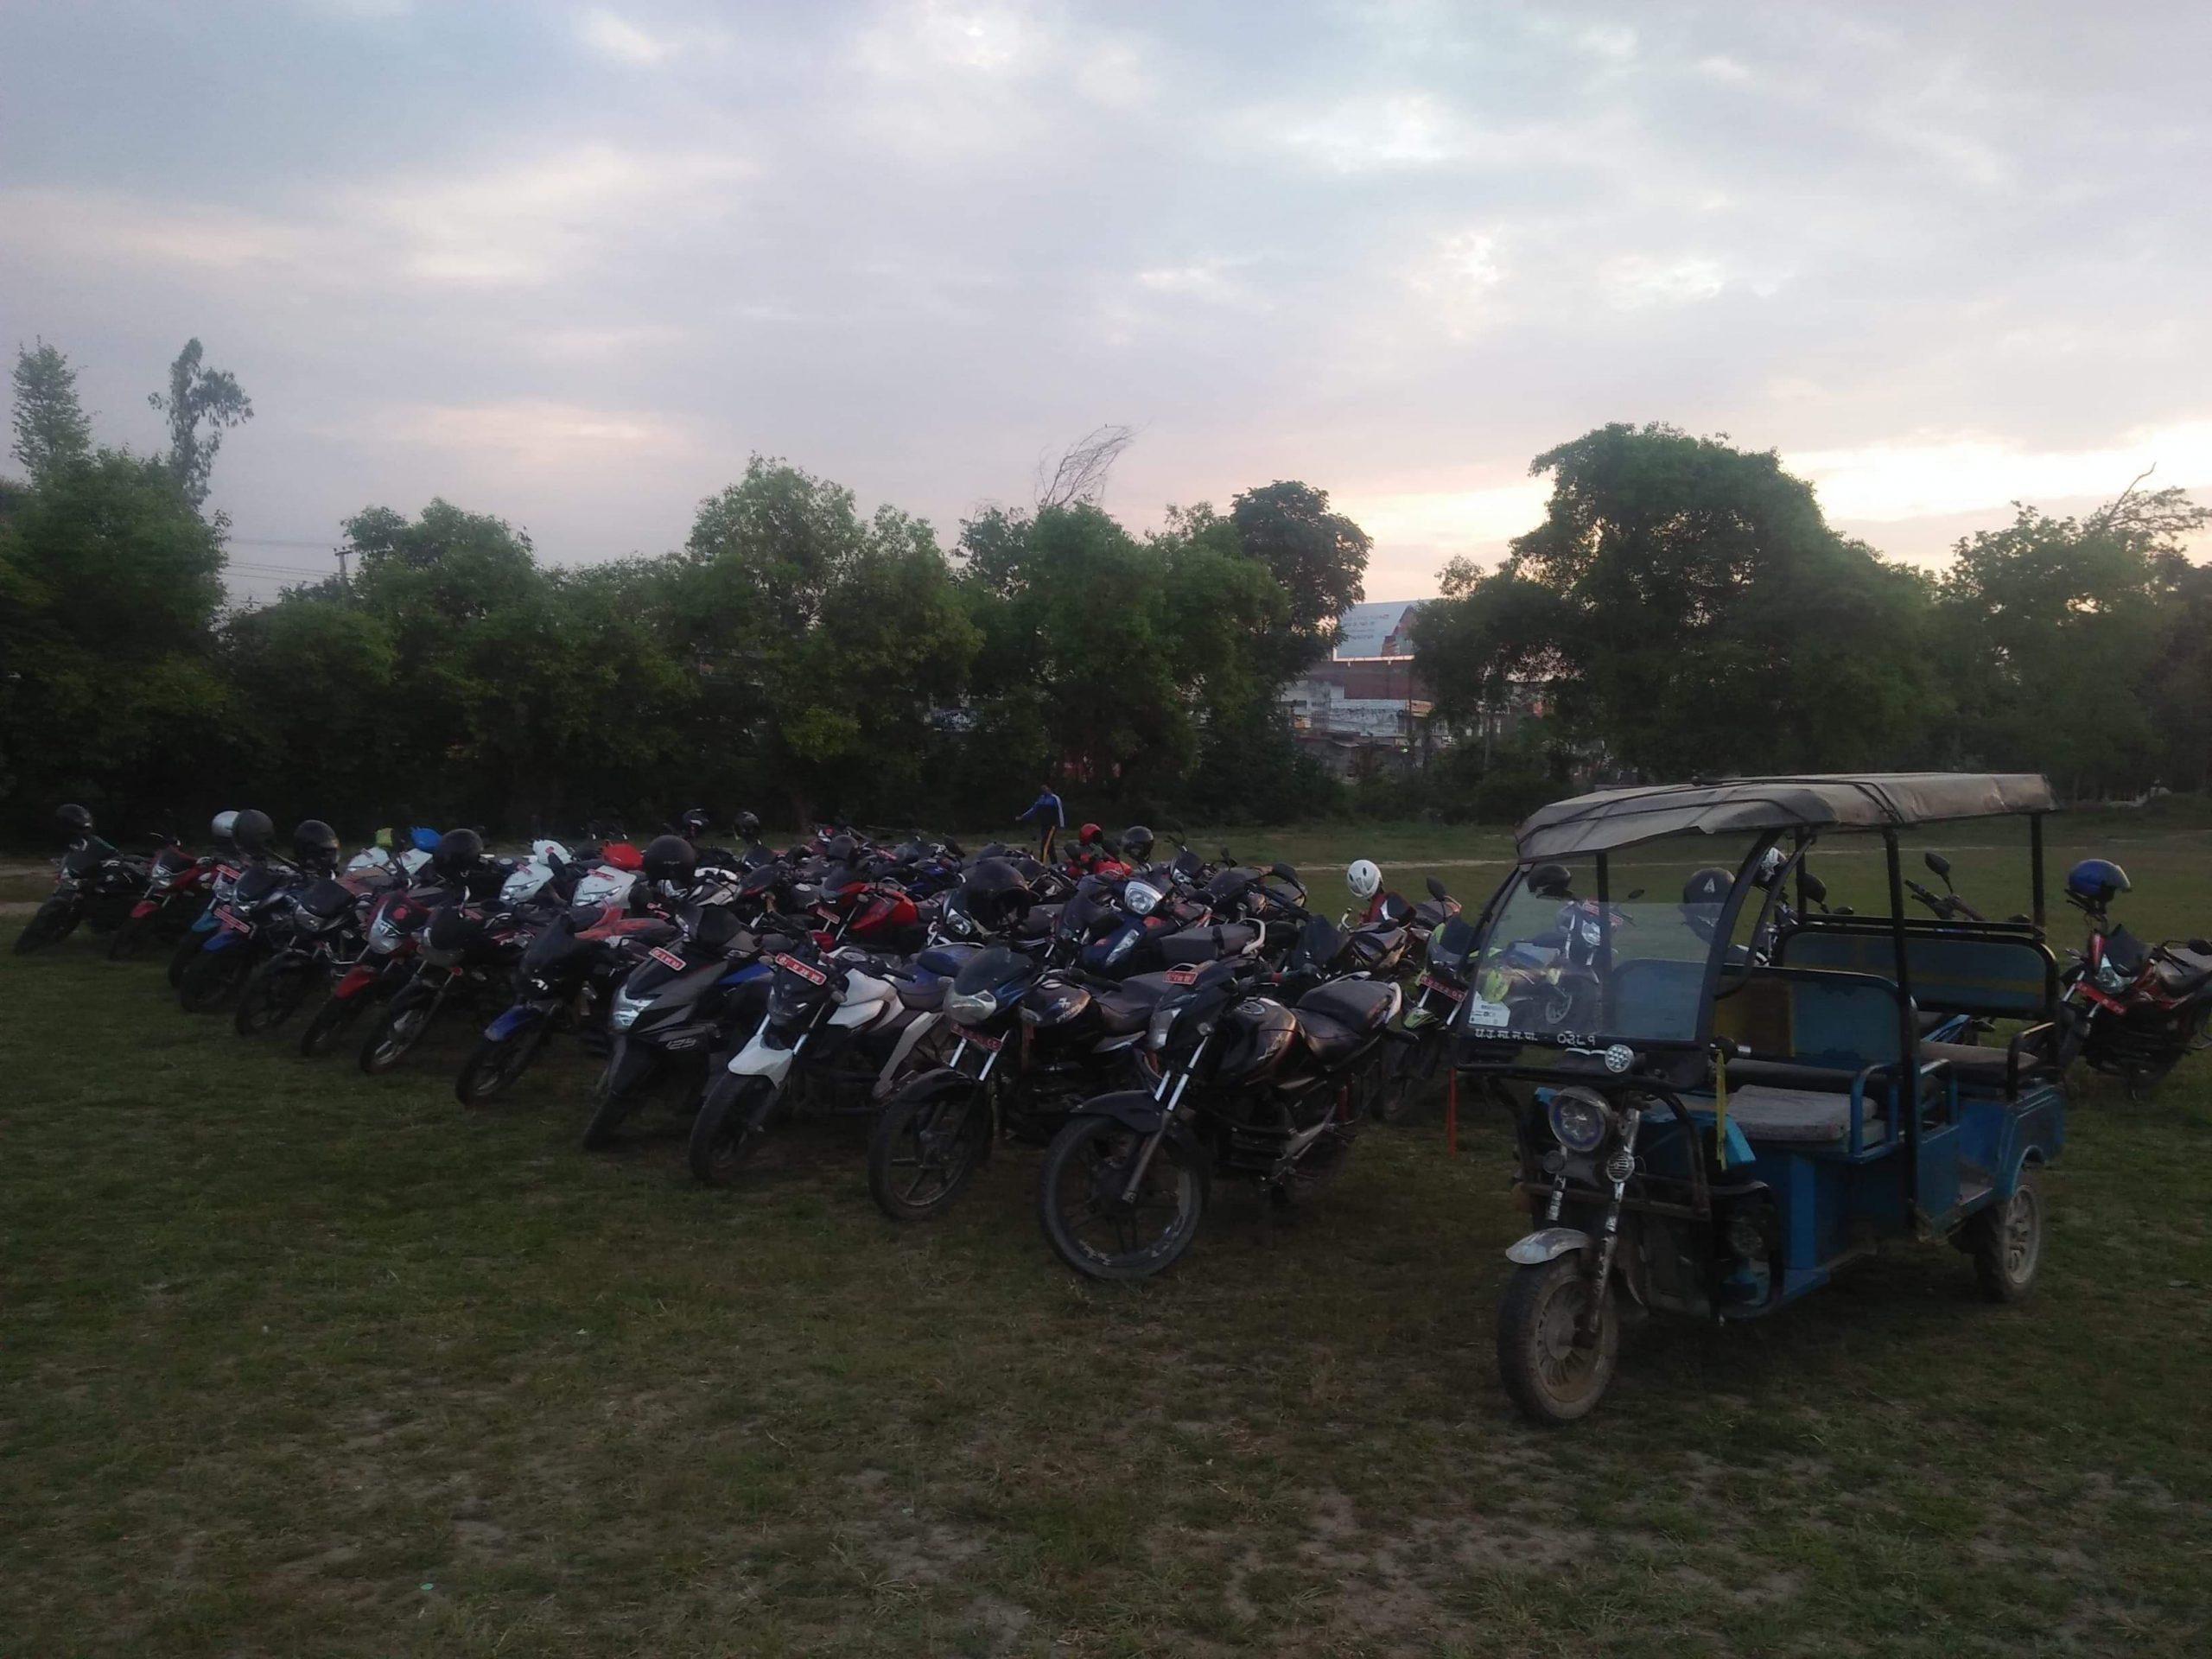 लकडाउनमा कडाई, ५१ मोटरसाइकल नियन्त्रण